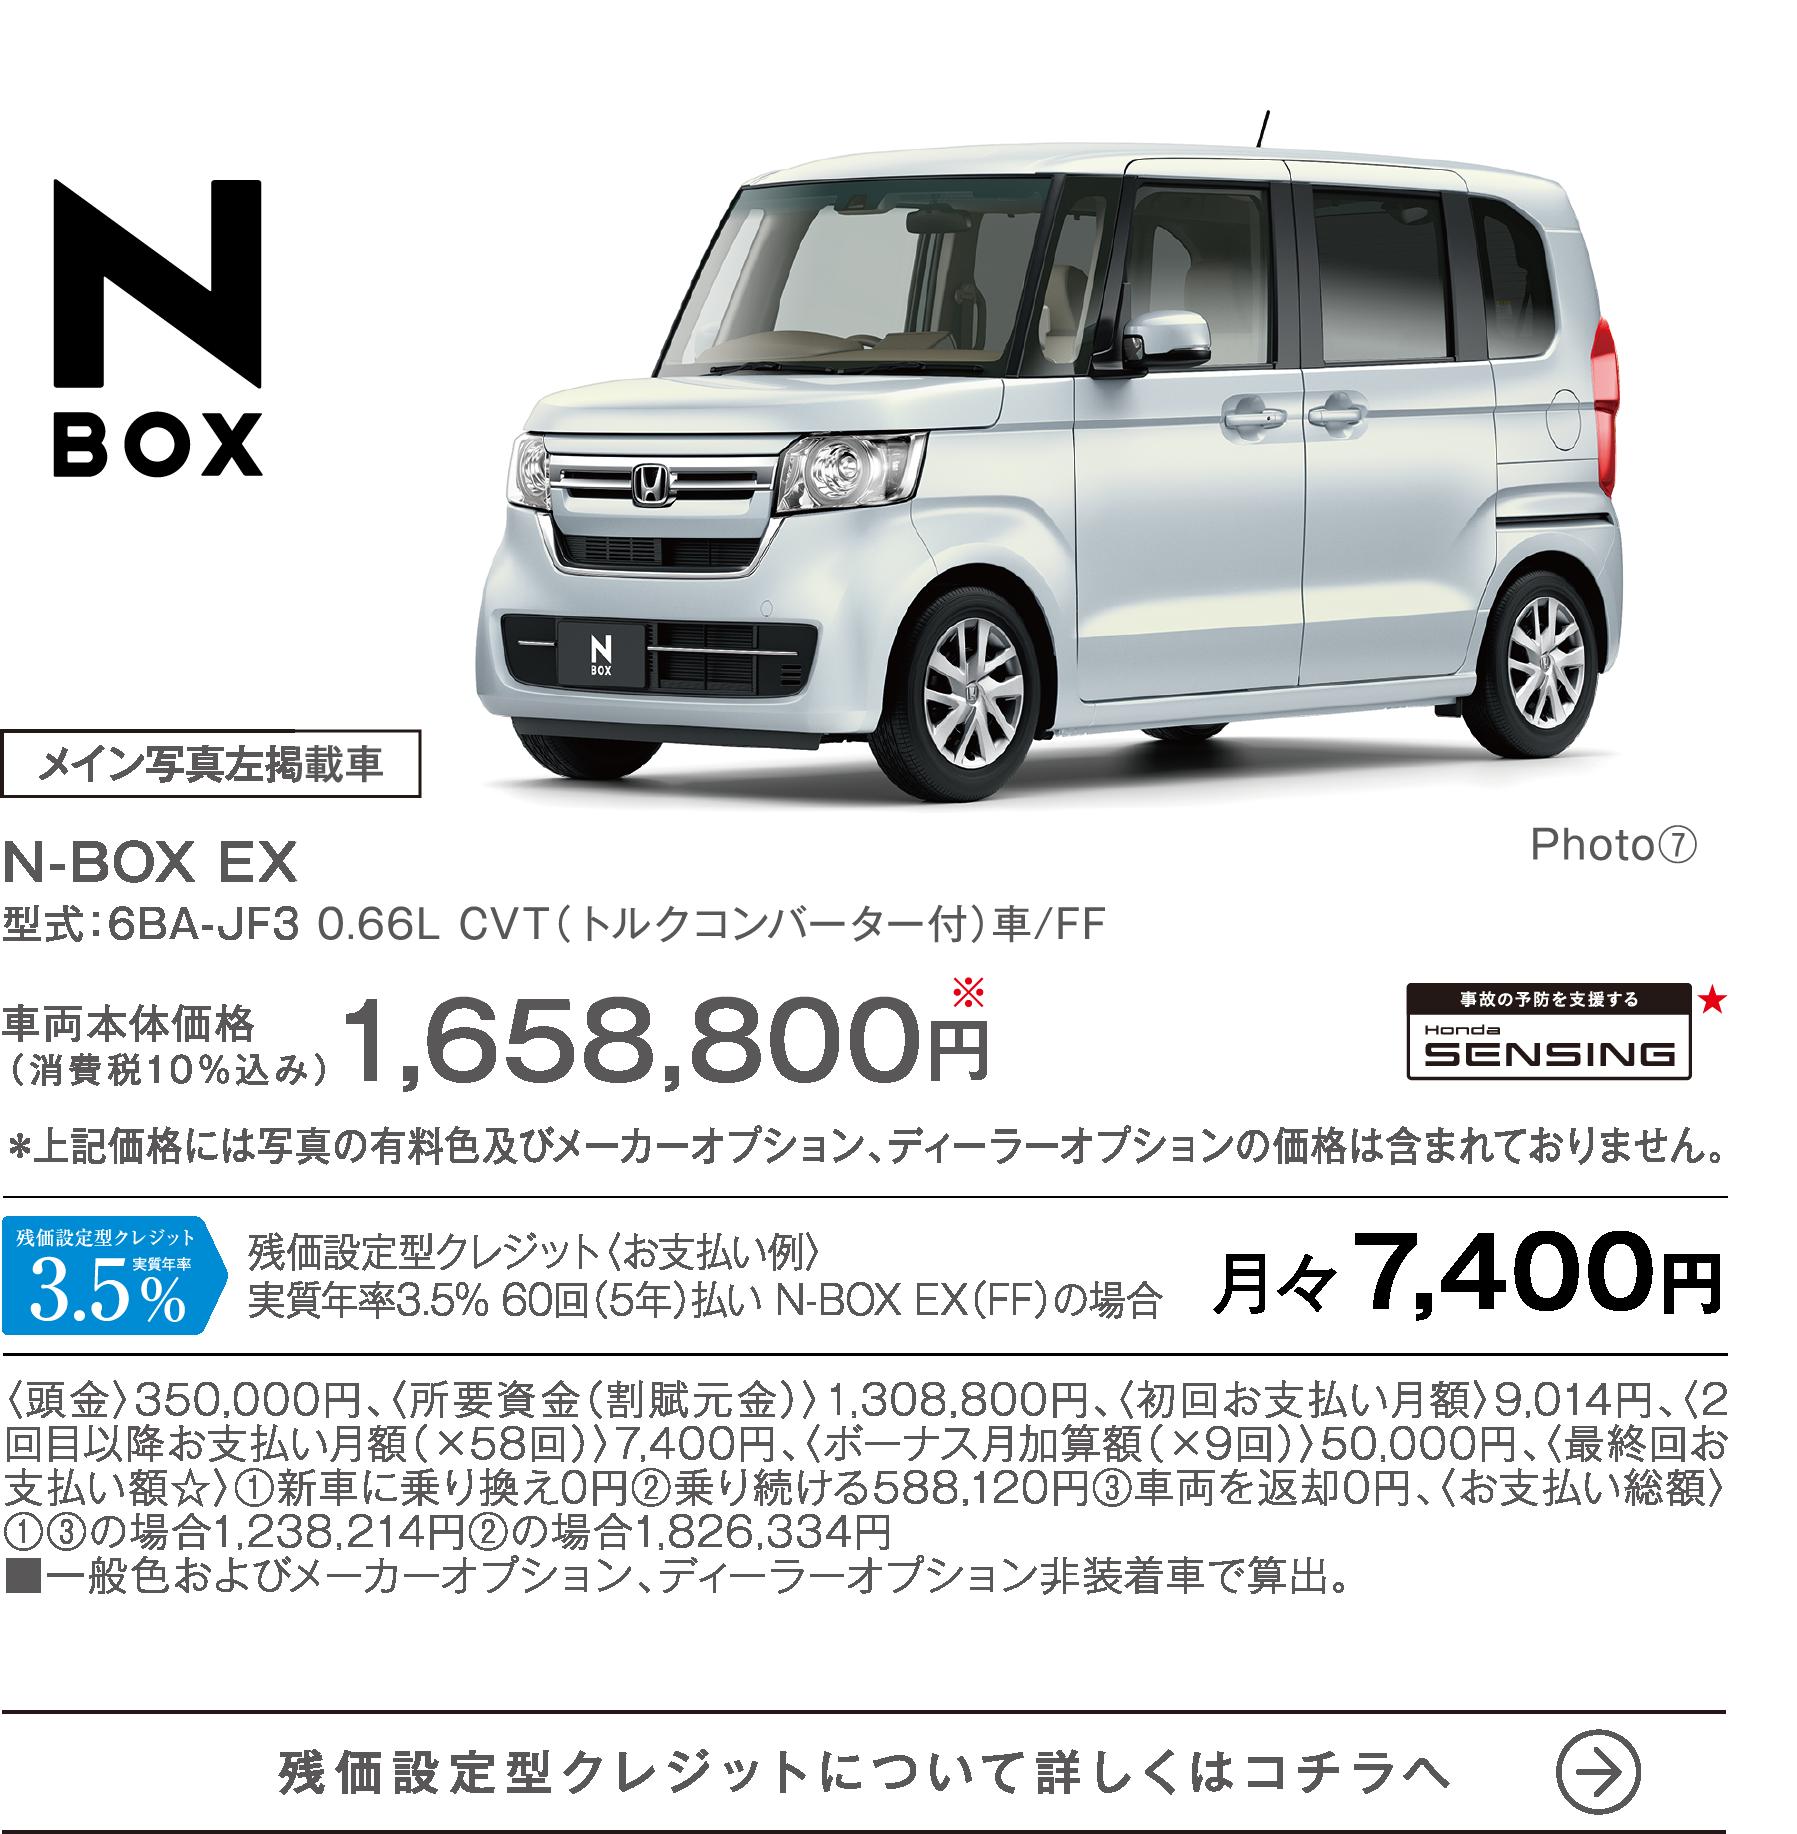 N-BOX EX